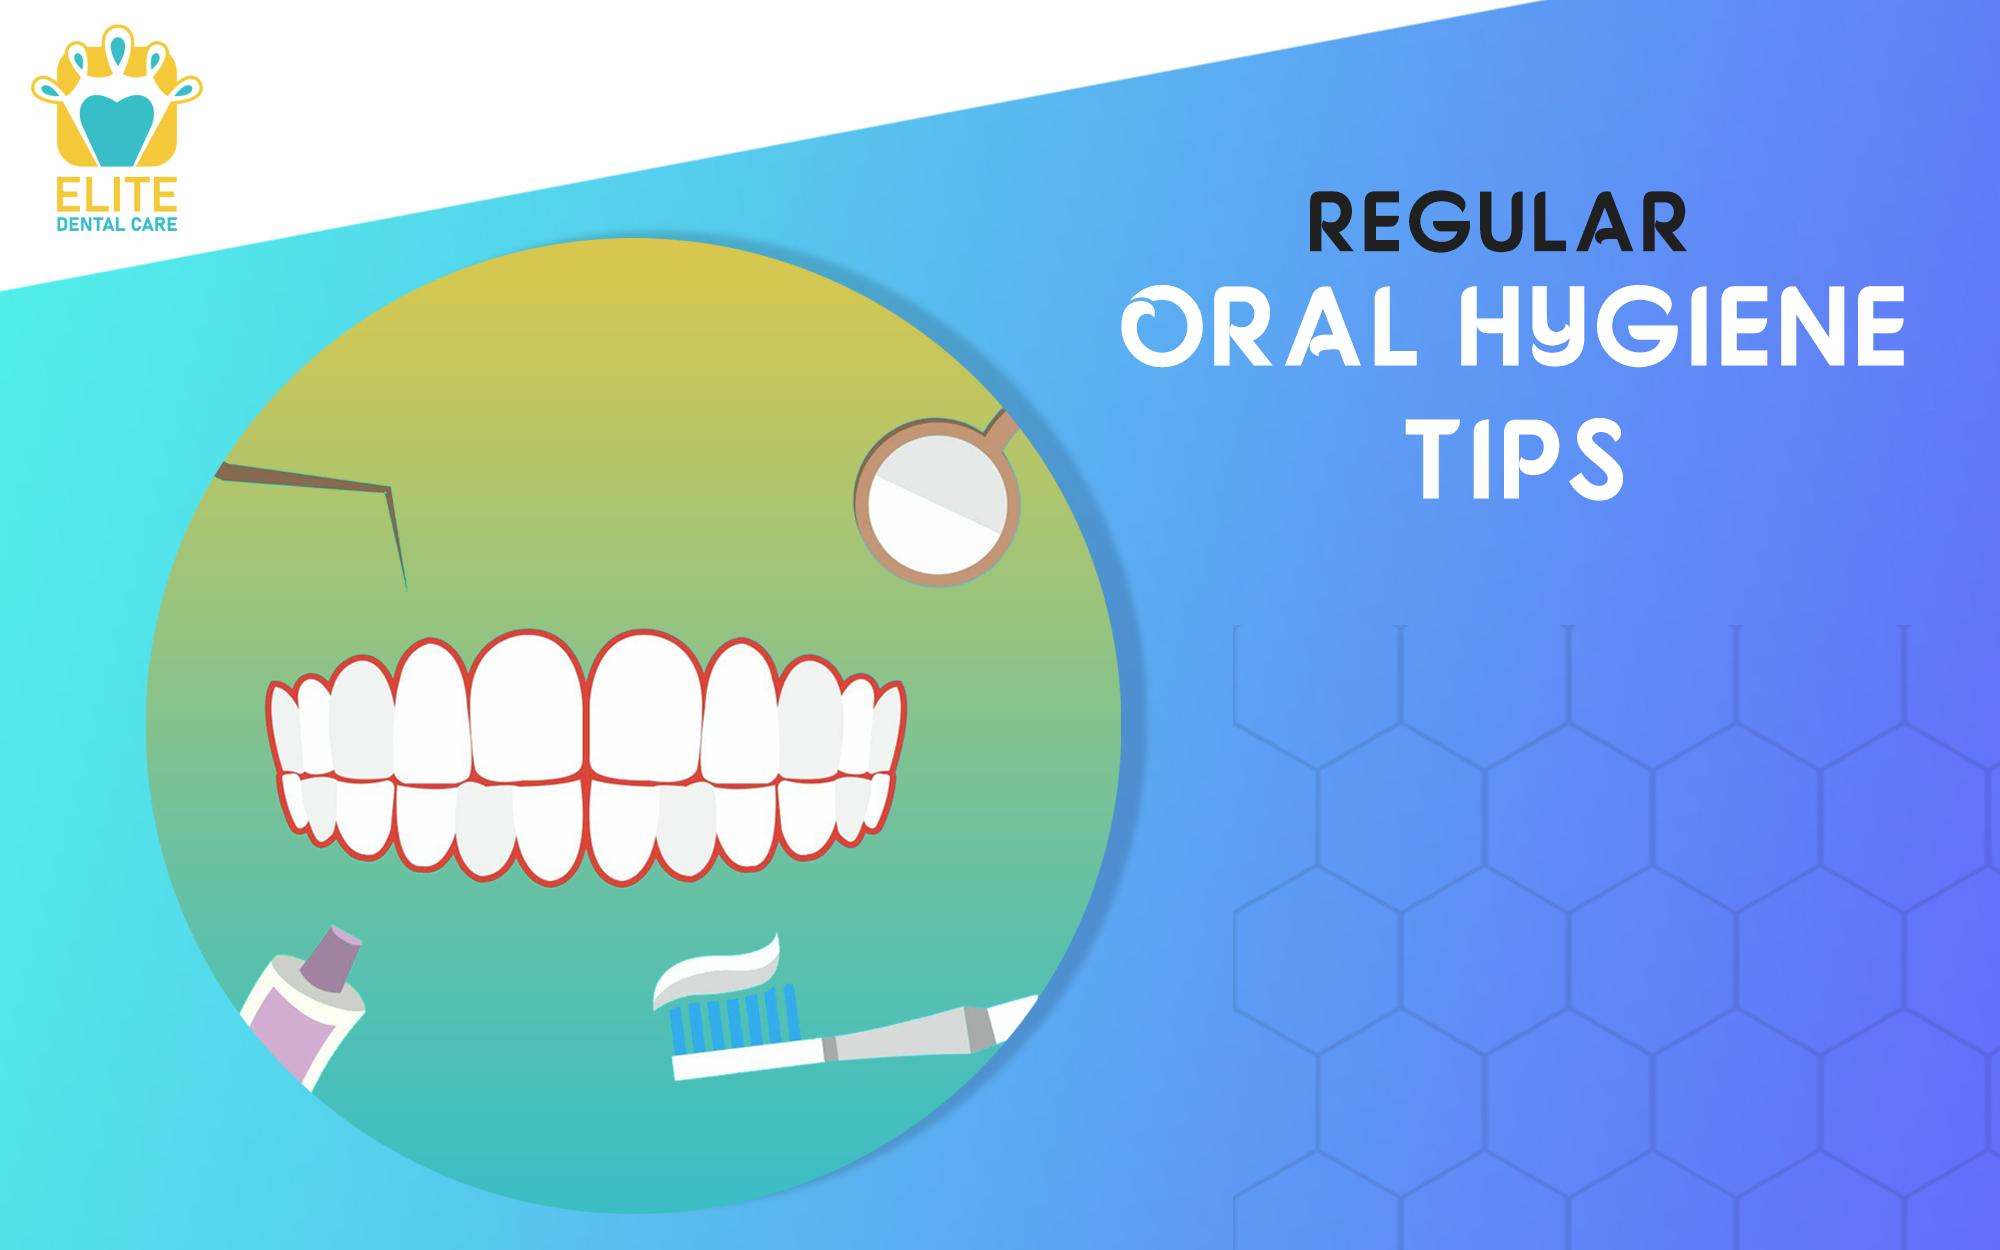 REGULAR ORAL HYGIENE TIPS